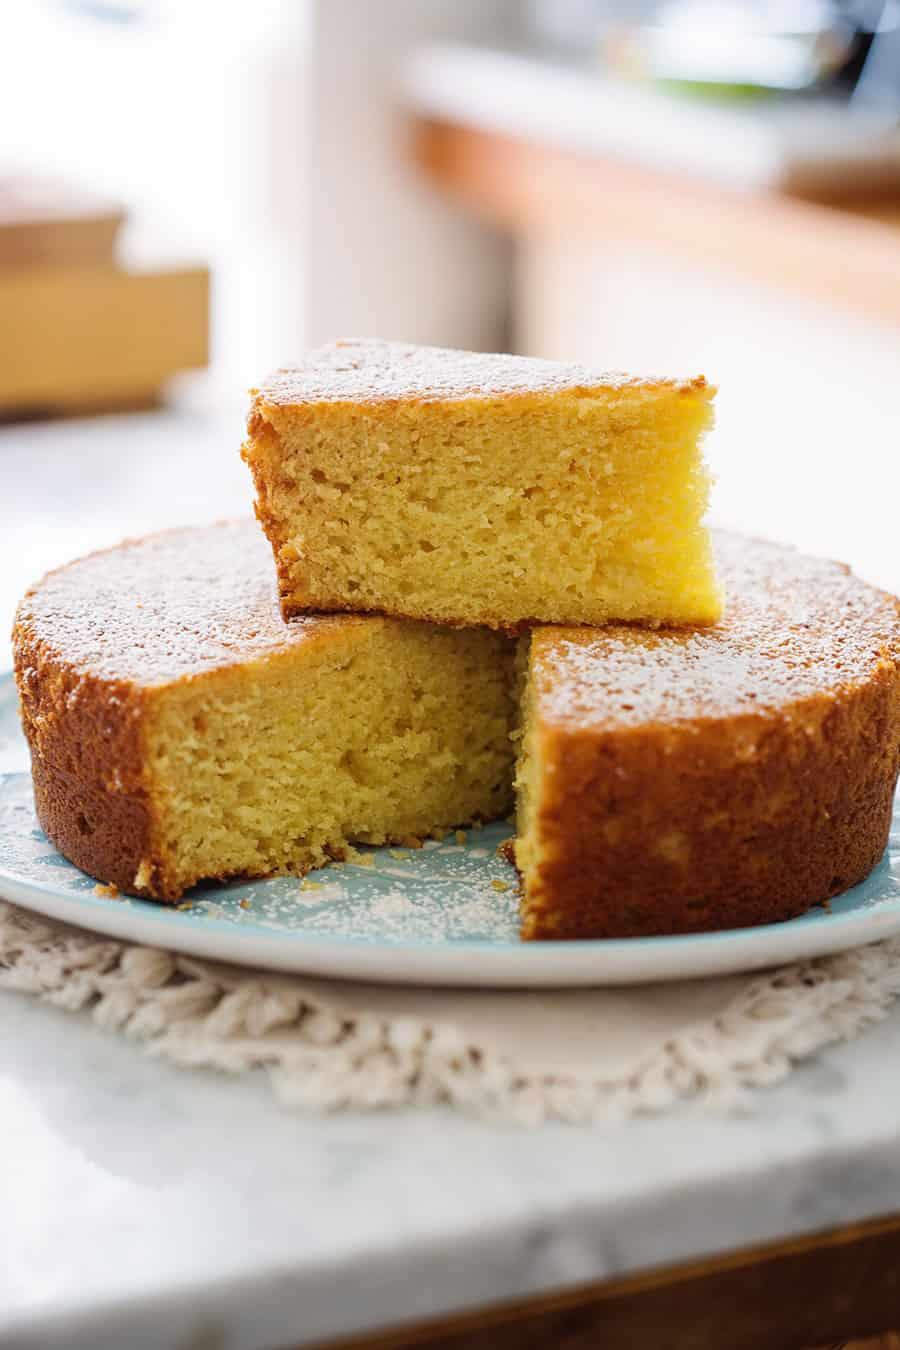 El pastel de limón y queso ricotta en un plato y con una rebanada encima.